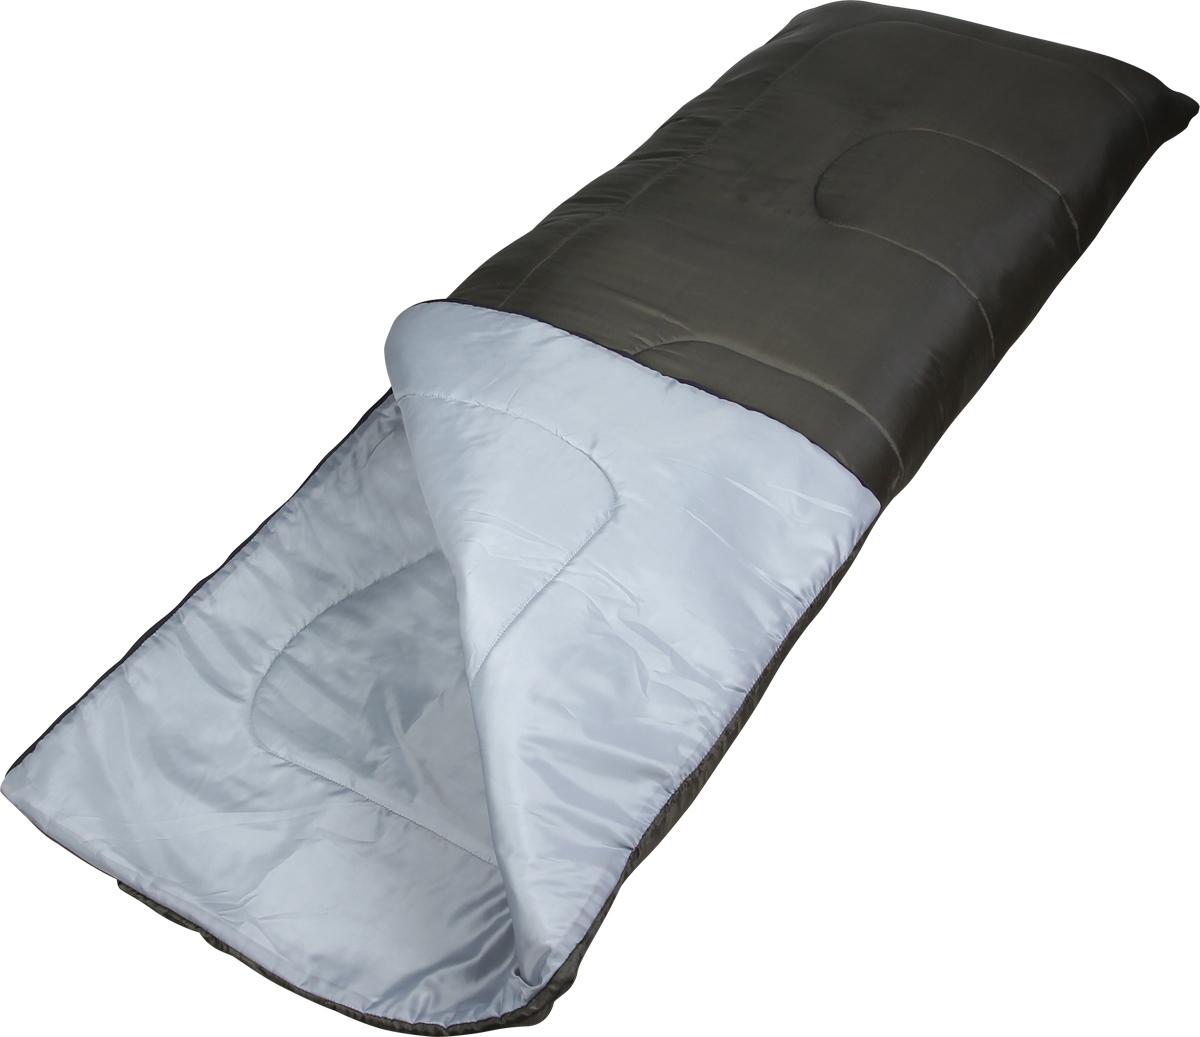 Мешок спальный Сплав СО2, правосторонняя молния, цвет: зеленый, 200 x 75 см4503850Сплав СО2 - классический простой спальный мешок.Молния разъёмная, двусторонняя.Спальный мешок можно полностью расстегнуть и использовать в качестве одеяла.Возможность состегнуть спальники.Внимание! Длительное хранение в сжатом виде не рекомендуется. Упаковку в компрессионный мешок следует производить произвольно сминая спальный мешок, а не аккуратно скатывая, так как при этом минимально деформируется утеплитель.Температура использования:Комфорт: +20… +10° С.Экстрим: +5° С.Габариты и вес:Размеры: 200 х 75 см (допуск +/- 2см).Размеры в упакованном виде: диаметр 20 х 36 см.Вес: 0,85 кг.Материалы:Внешняя ткань: Polyester Taffeta 190T.Внутренняя ткань: Polyester Taffeta 190T.Утеплитель: Hollow Fiber.Плотность утеплителя: 150 г/м2.